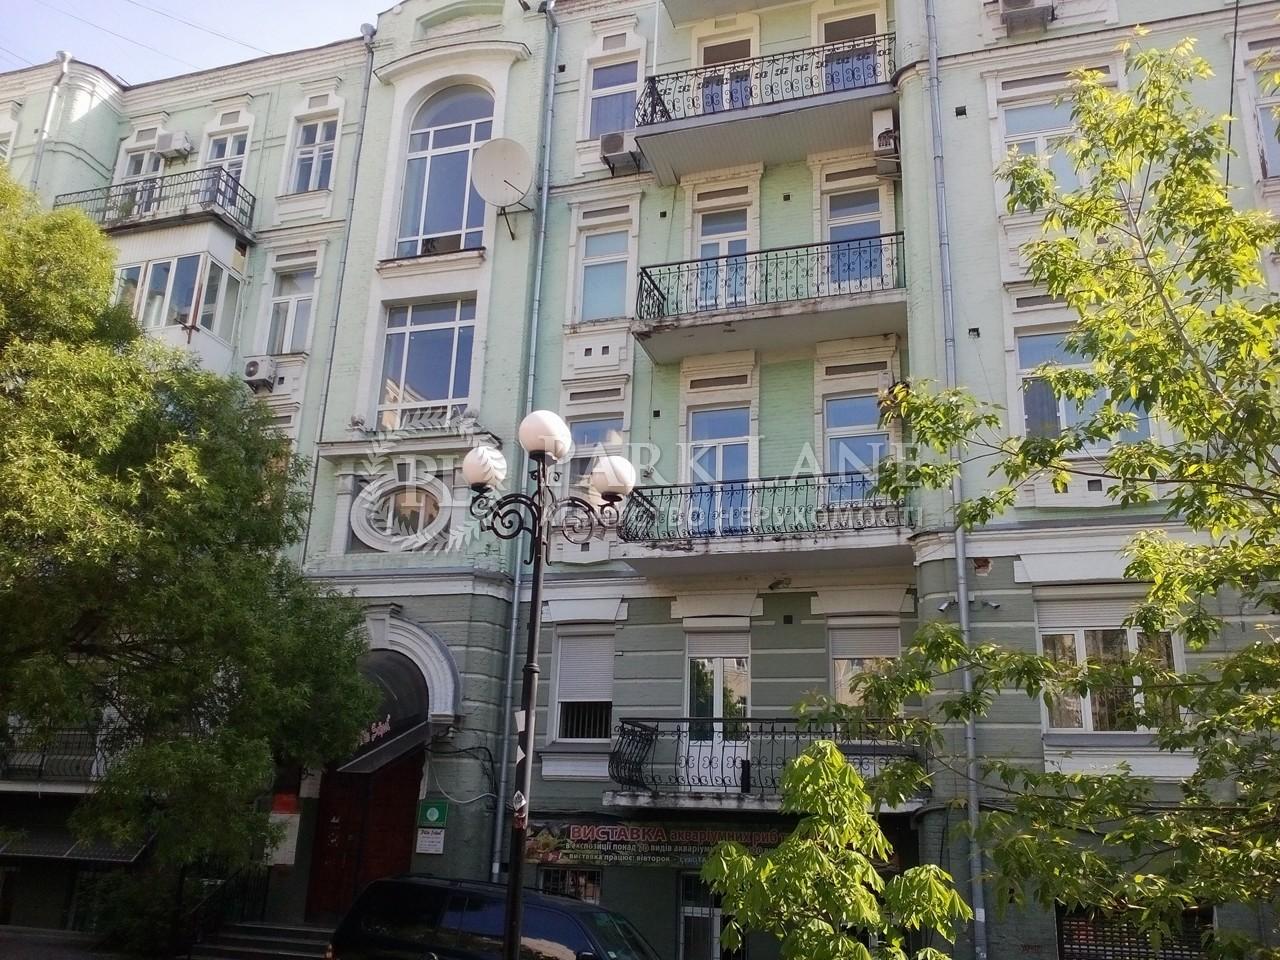 Нежитлове приміщення, вул. Рогнідинська, Київ, R-14682 - Фото 1